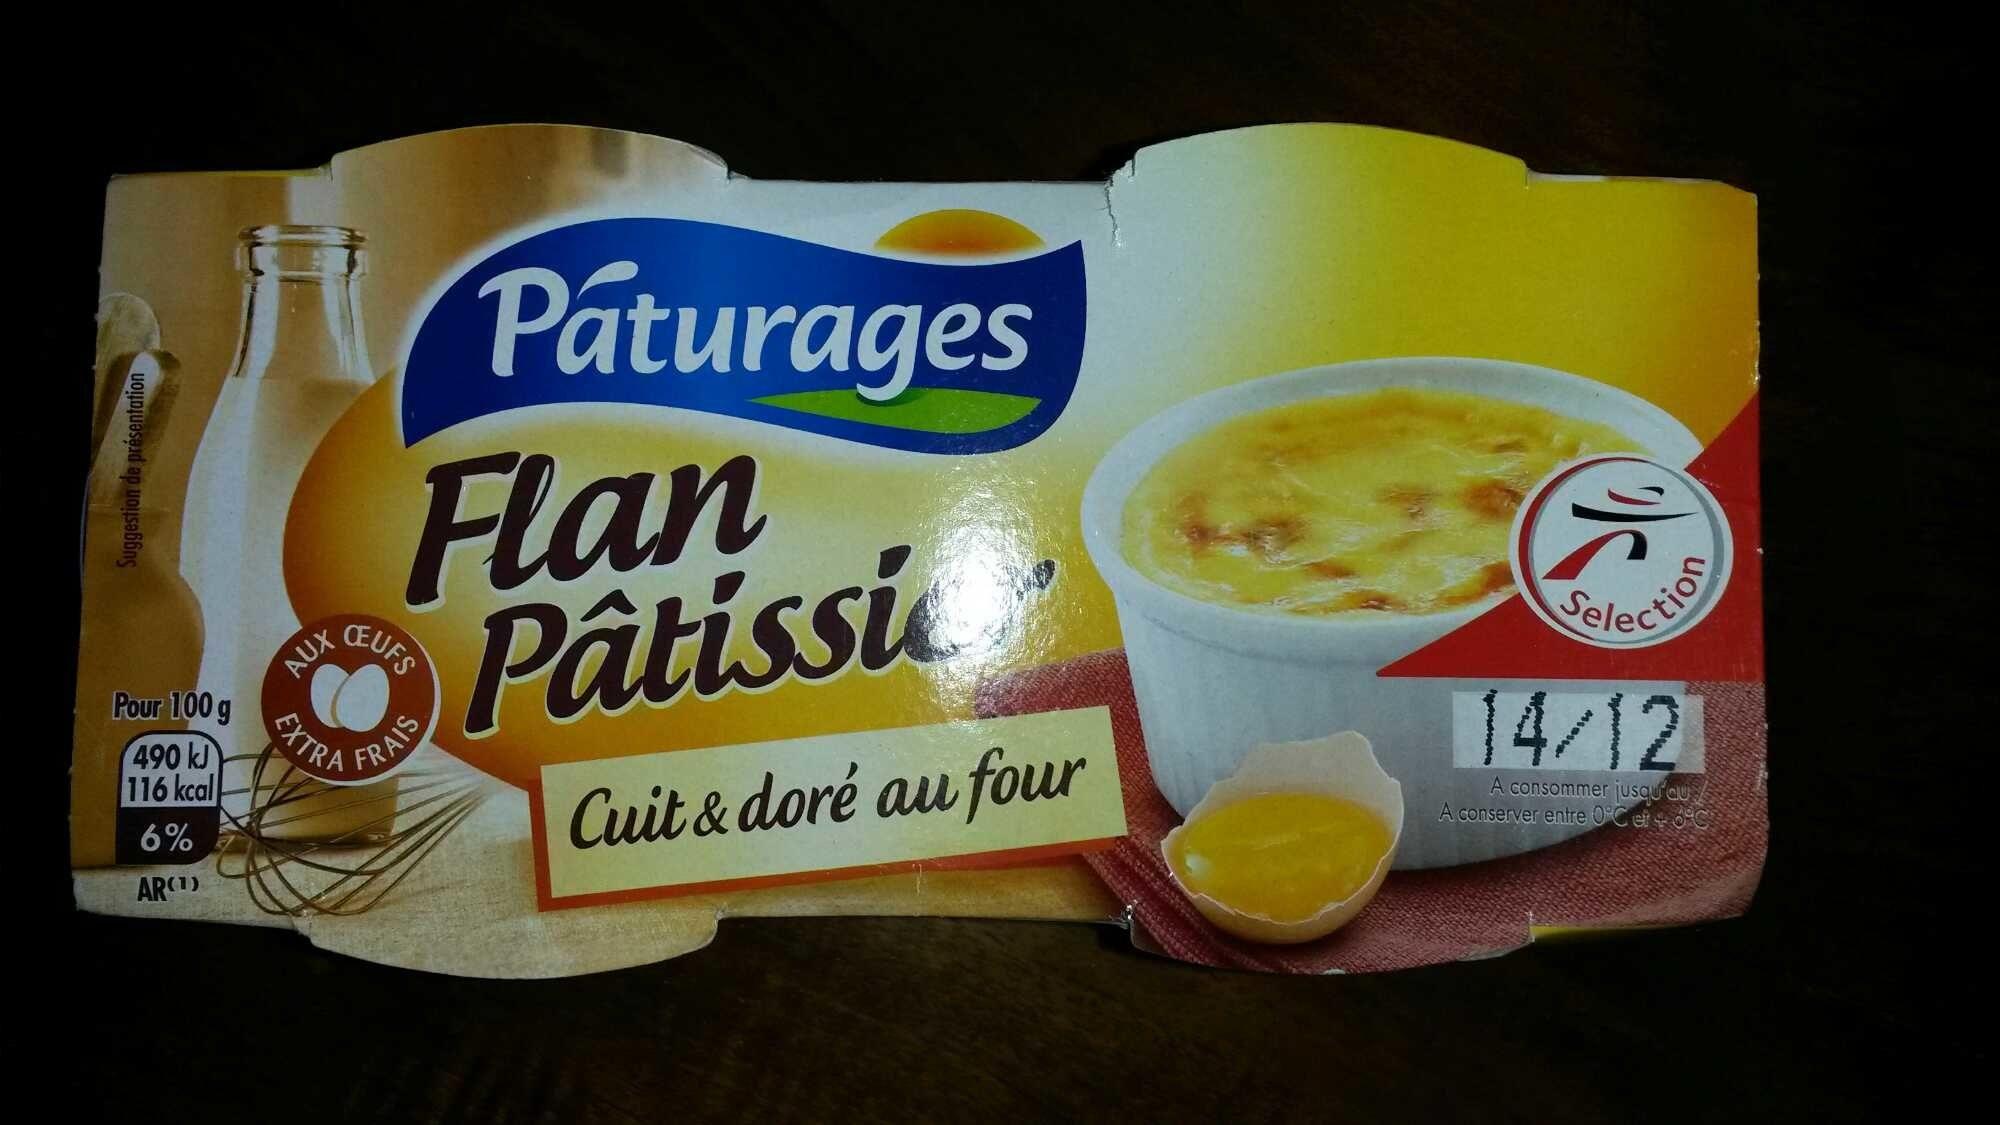 Flan Pâtissier - Cuit & doré au four - Product